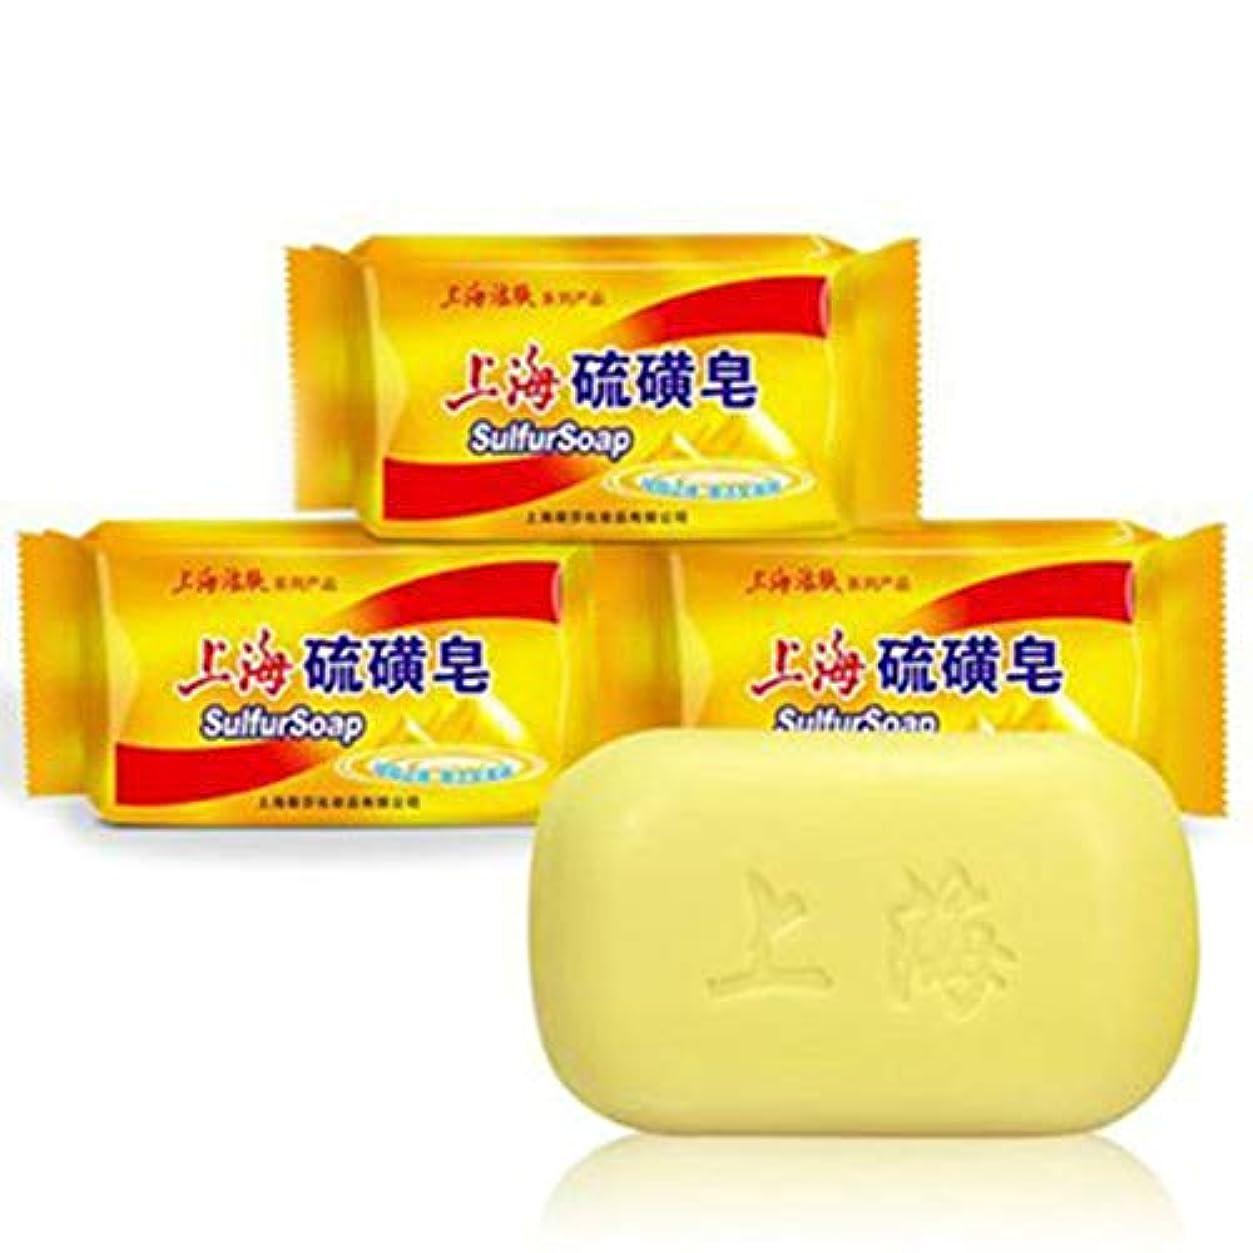 センター一定テレマコス石鹸、ダニ石鹸入浴ユニセックス(3パック)に上海硫黄石鹸コントロールオイルフケ